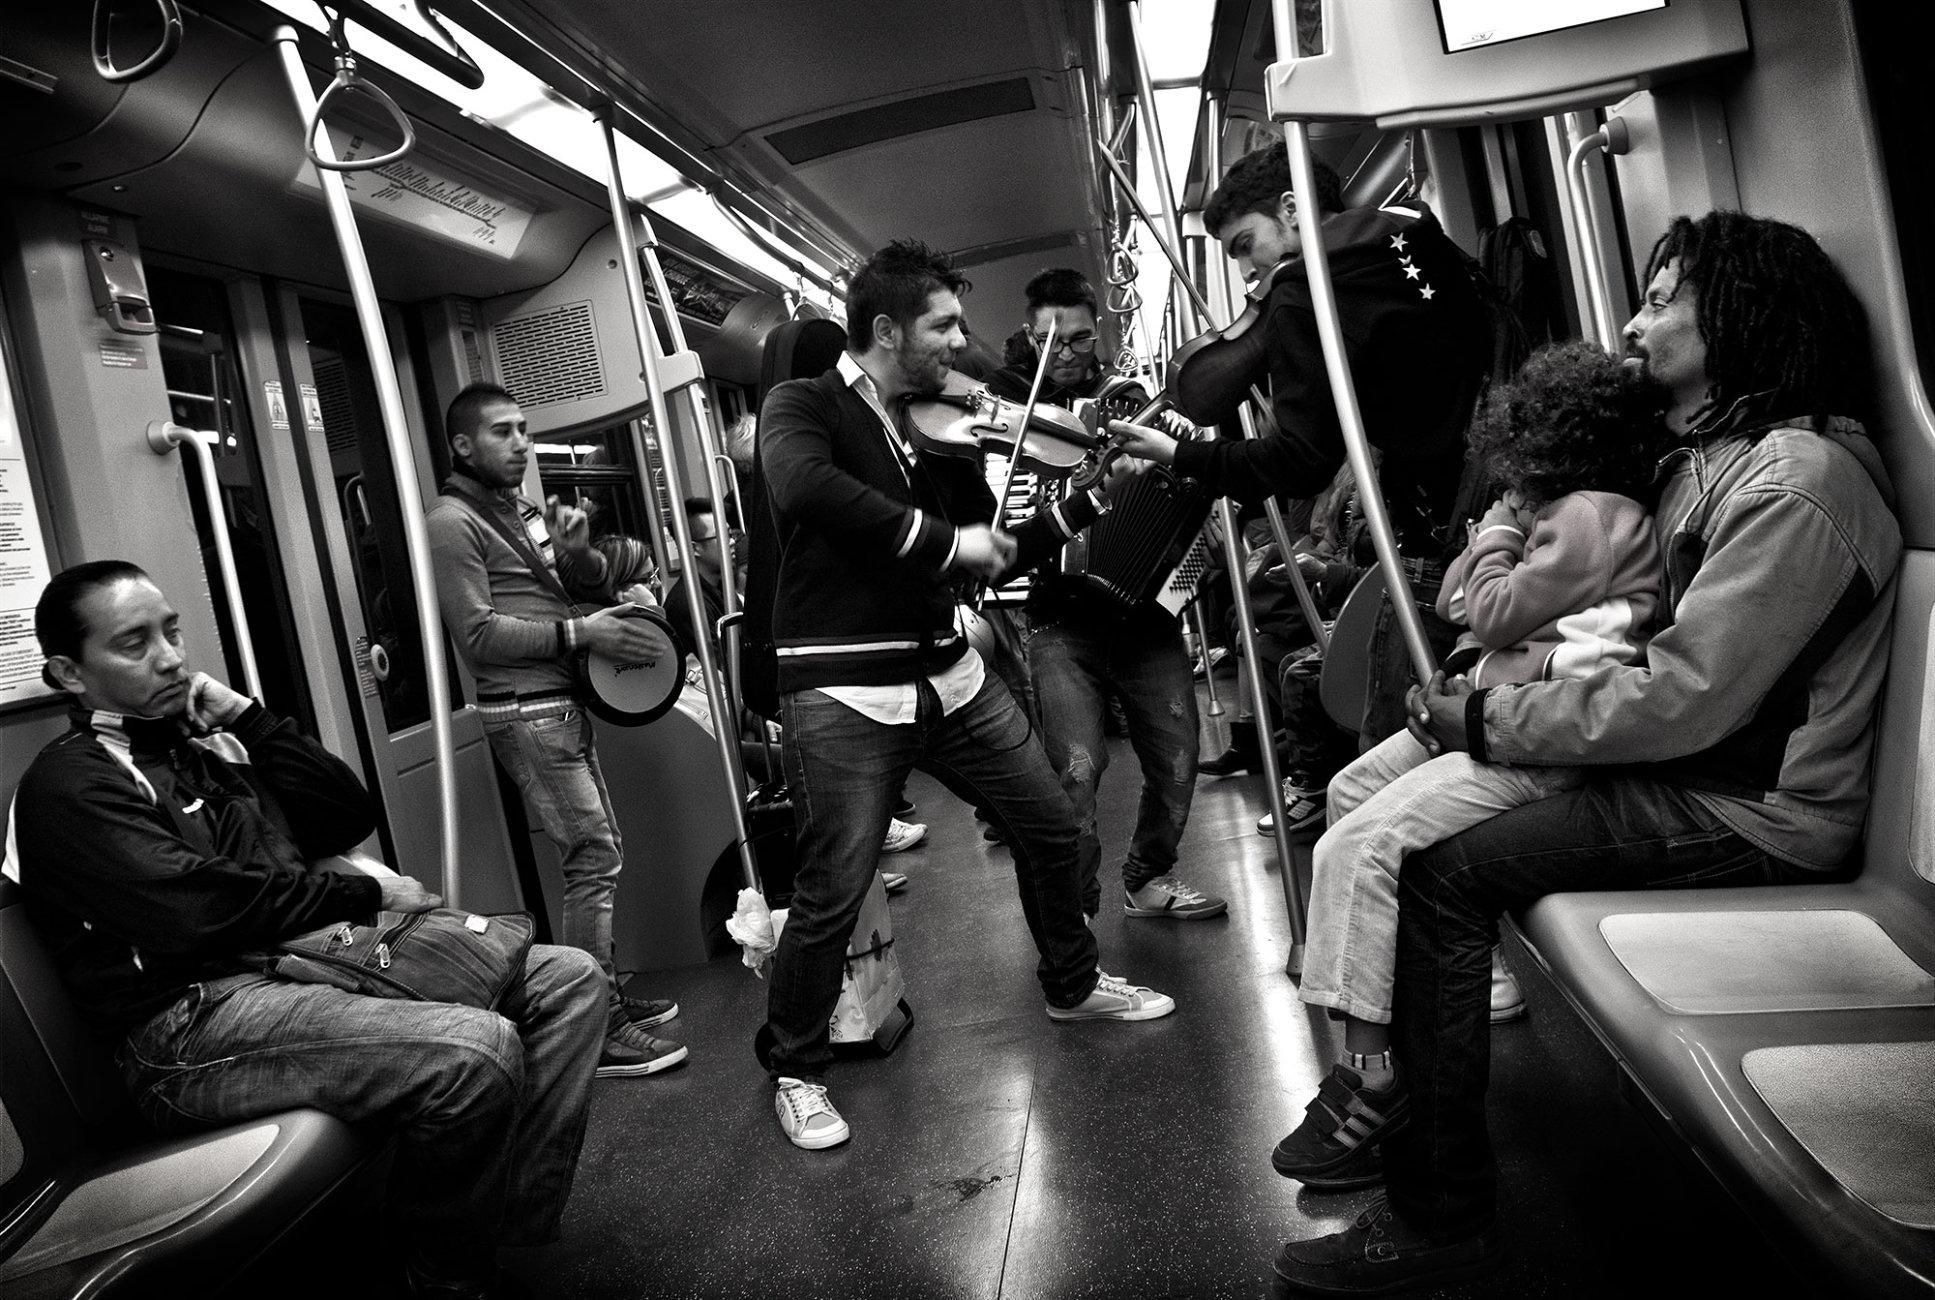 Milan Metro Music